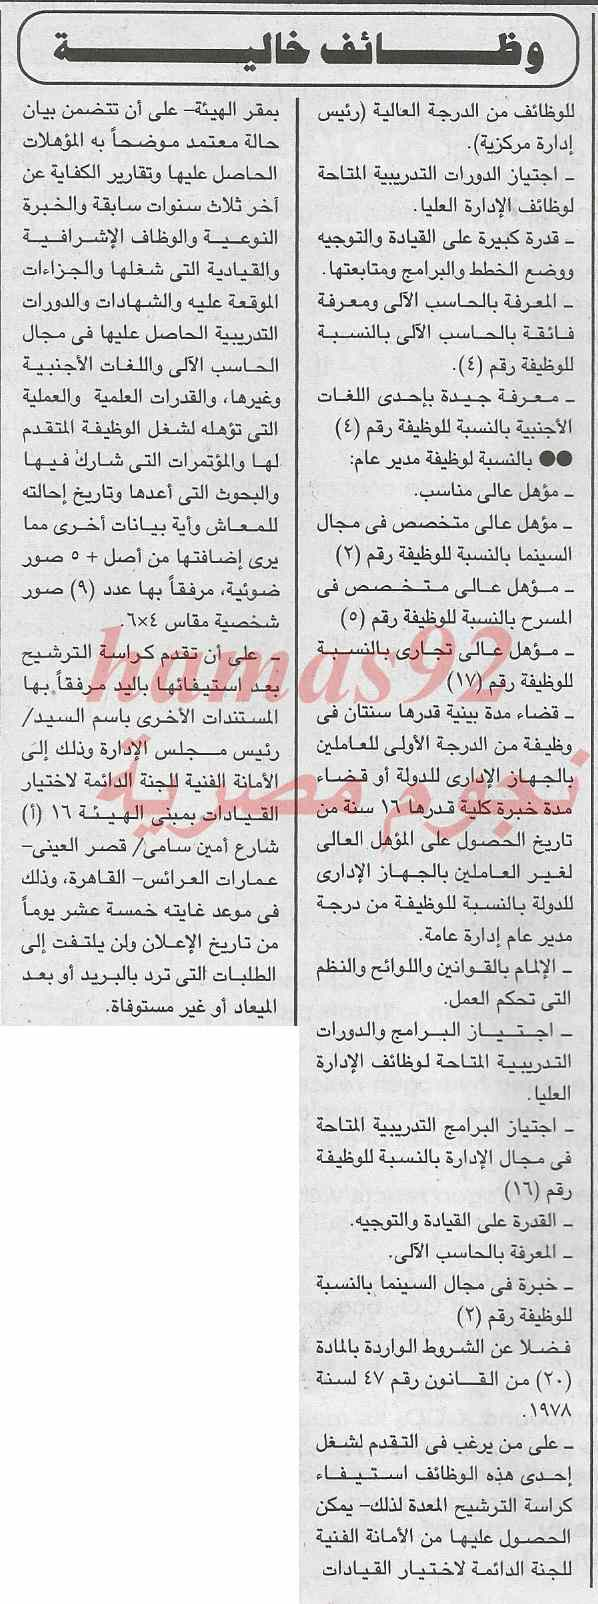 وظائف جريدة الجمهورية اليوم الاثنين 3-2-2014 , وظائف خالية في مصر 3 فبراير 2014